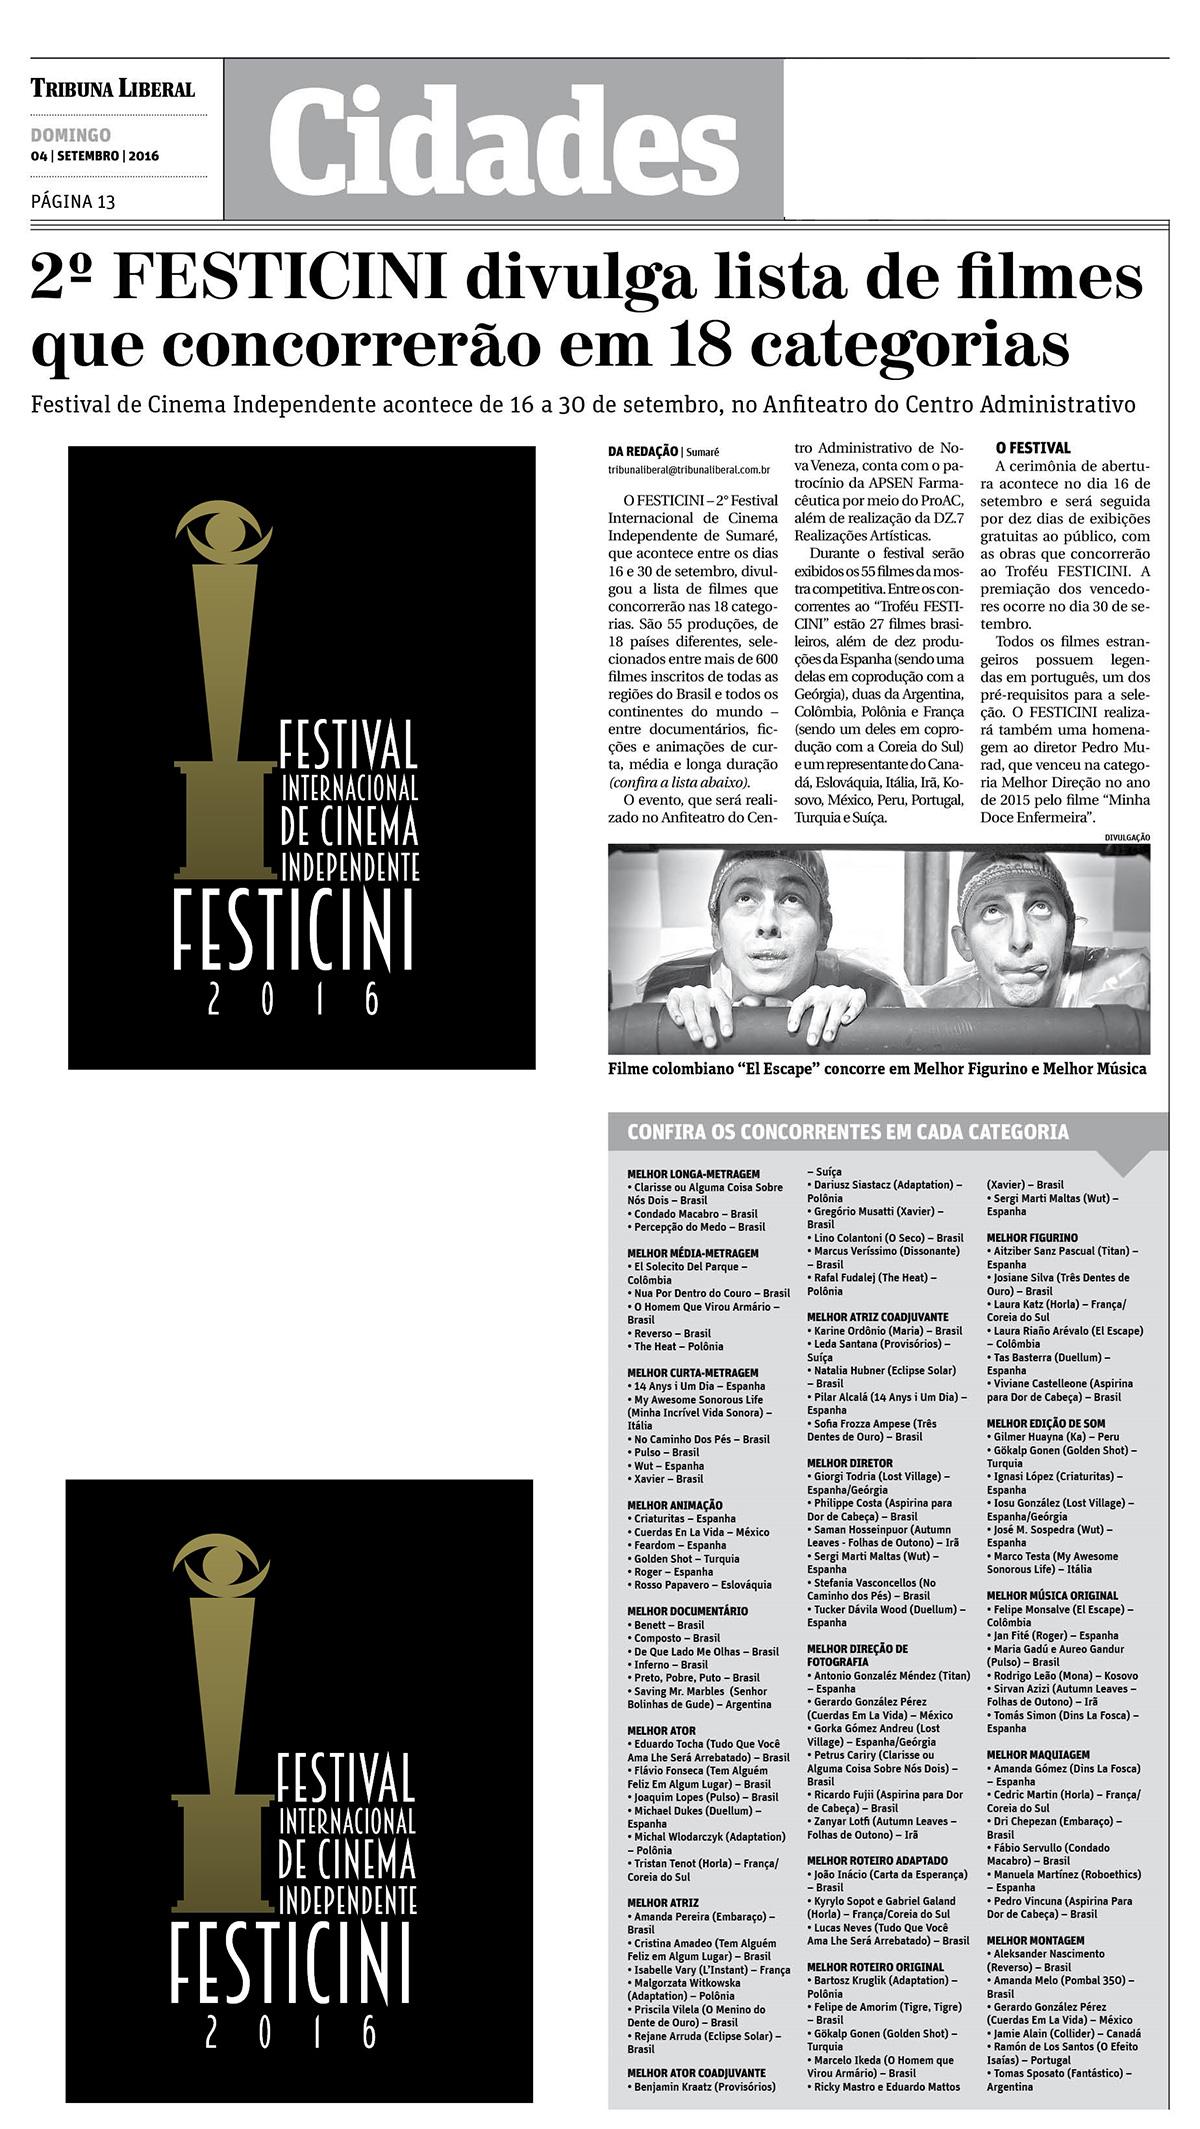 2º Festicini divulga lista de filmes que concorrerão em 18 categorias